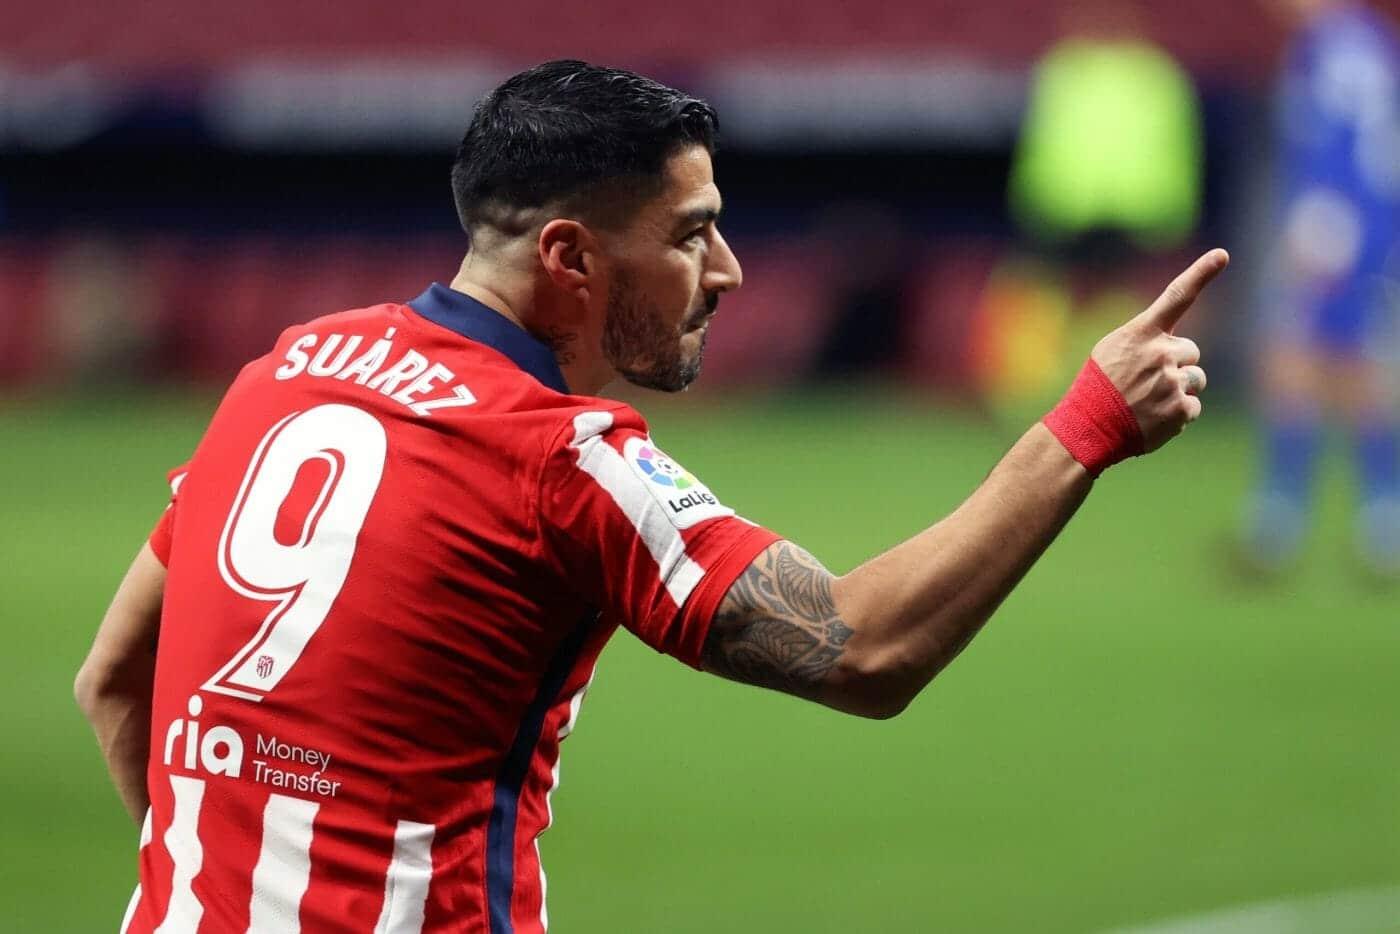 اللاعب الأوروغواي لويس سواريز